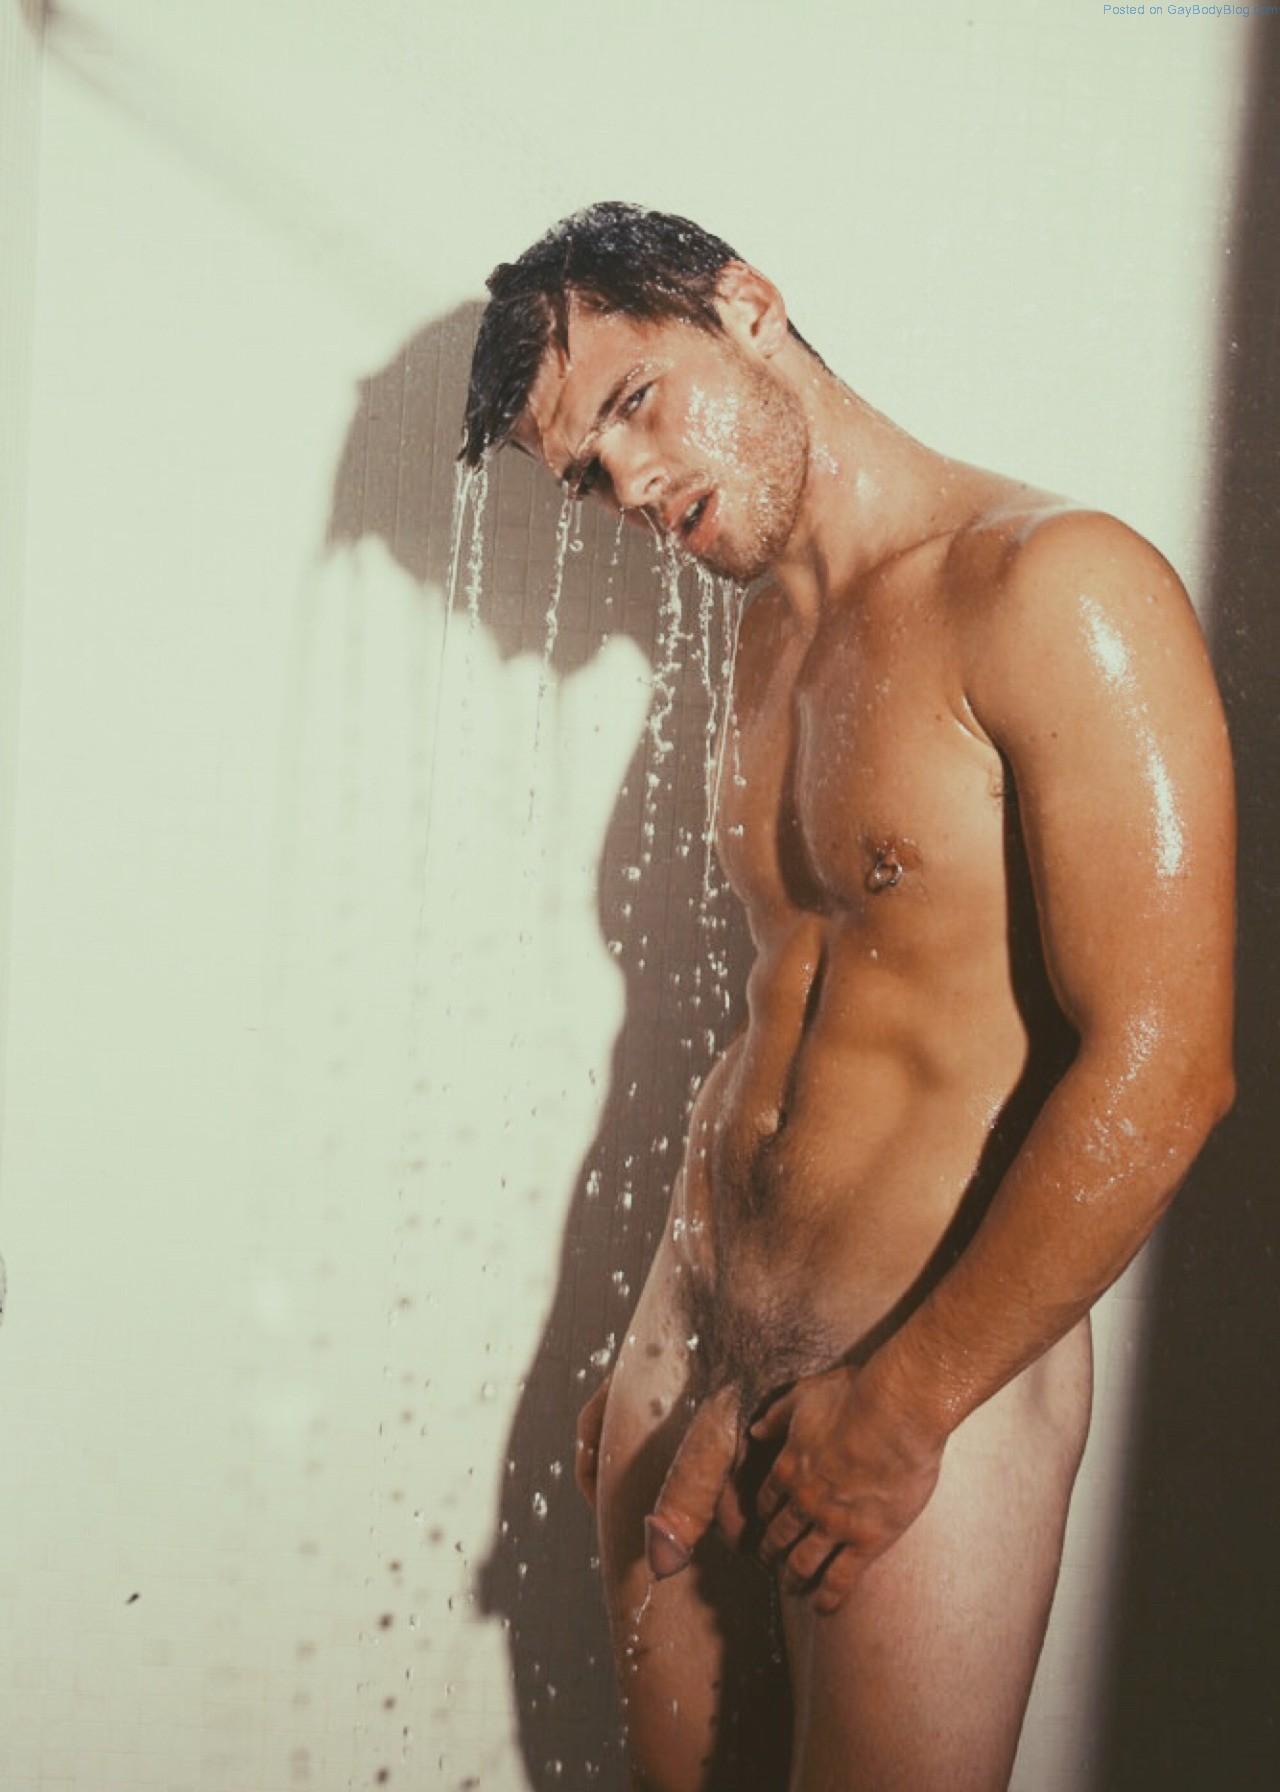 Nude Teen Boy Taking A Shower